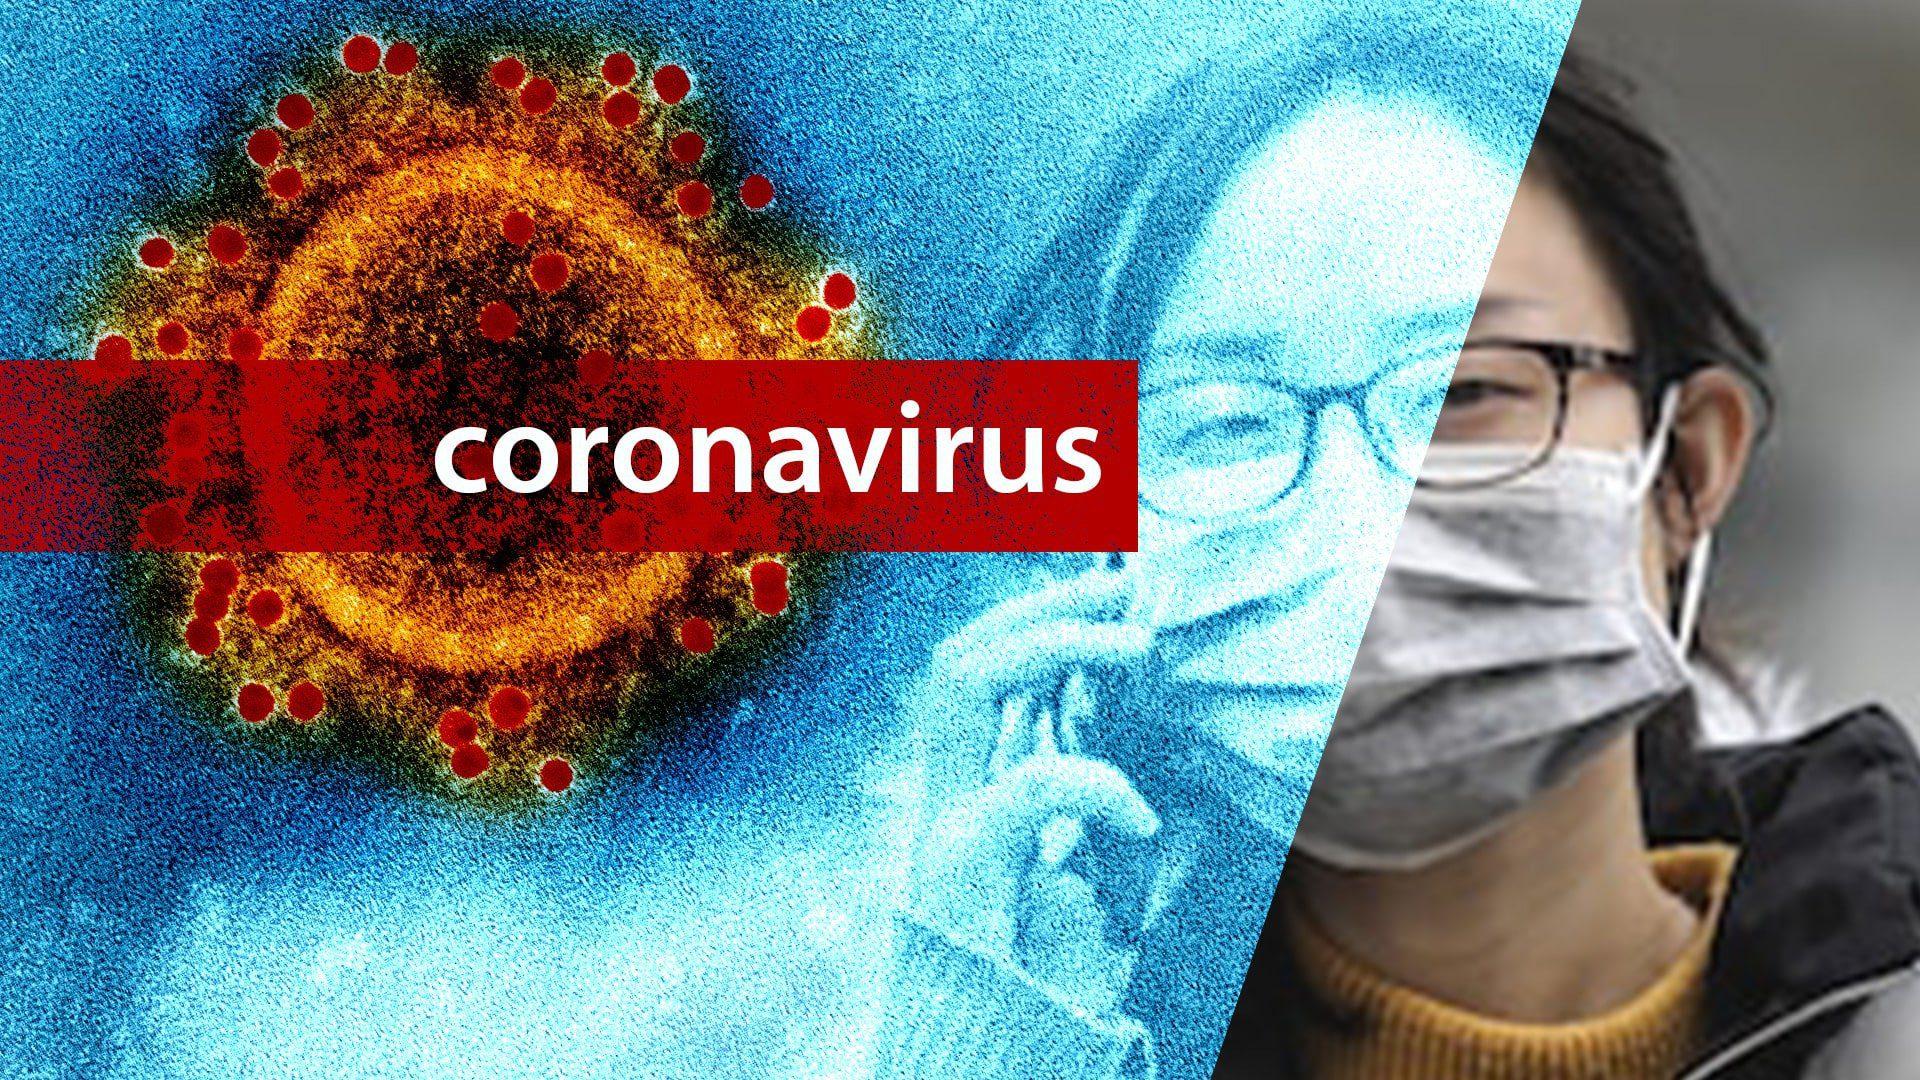 Trattamento e precauzioni del coronavirus